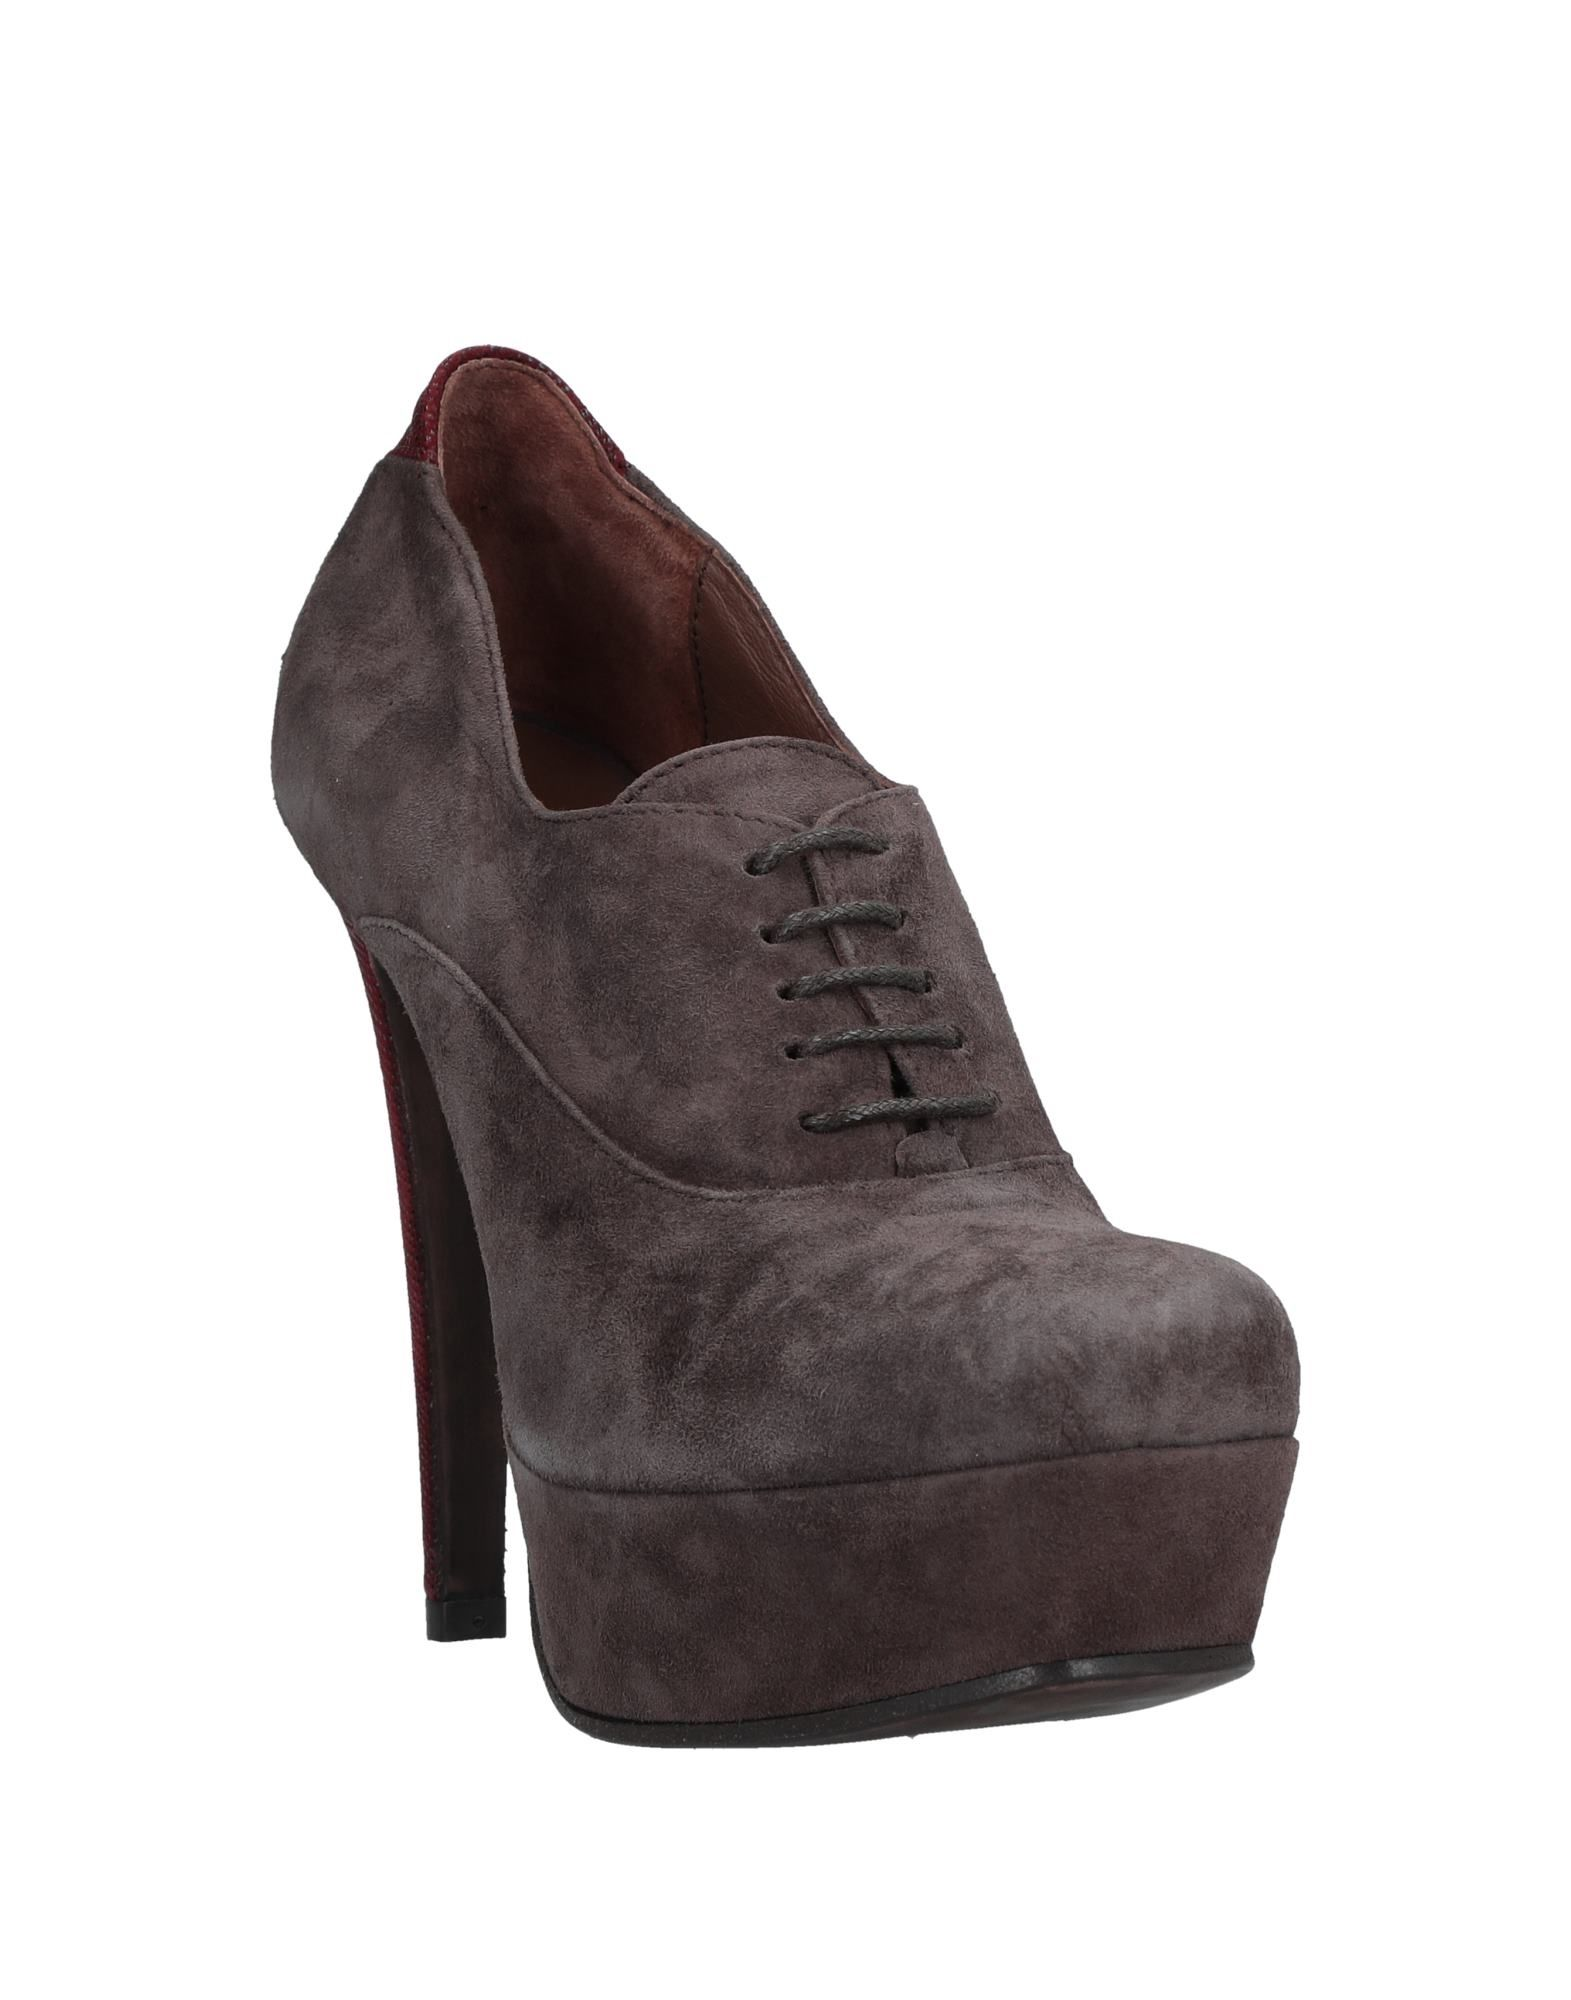 Fiorifrancesi Schnürschuhe Gute Damen  11536119SK Gute Schnürschuhe Qualität beliebte Schuhe f4b14e